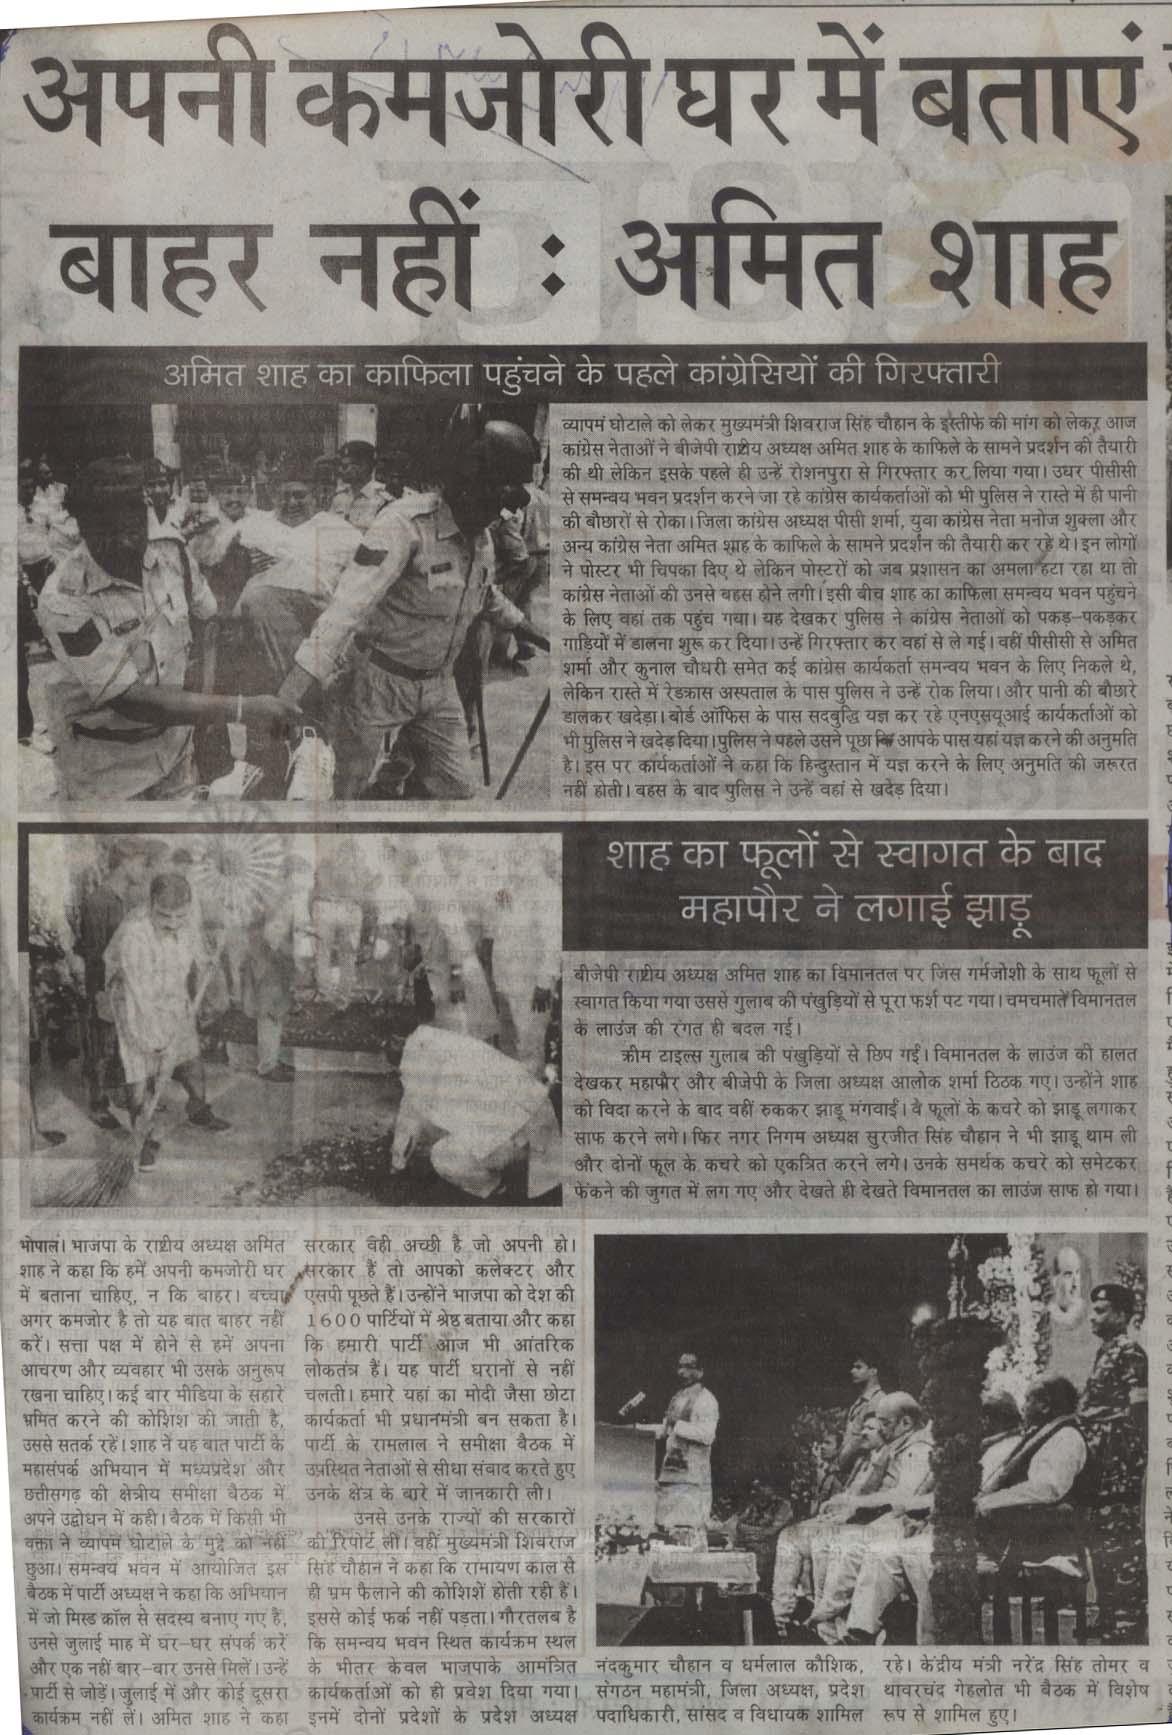 अपनी कमजोरी घर में बताएं बहार नहीं अमित शाह  - Gujrat Vaibhav